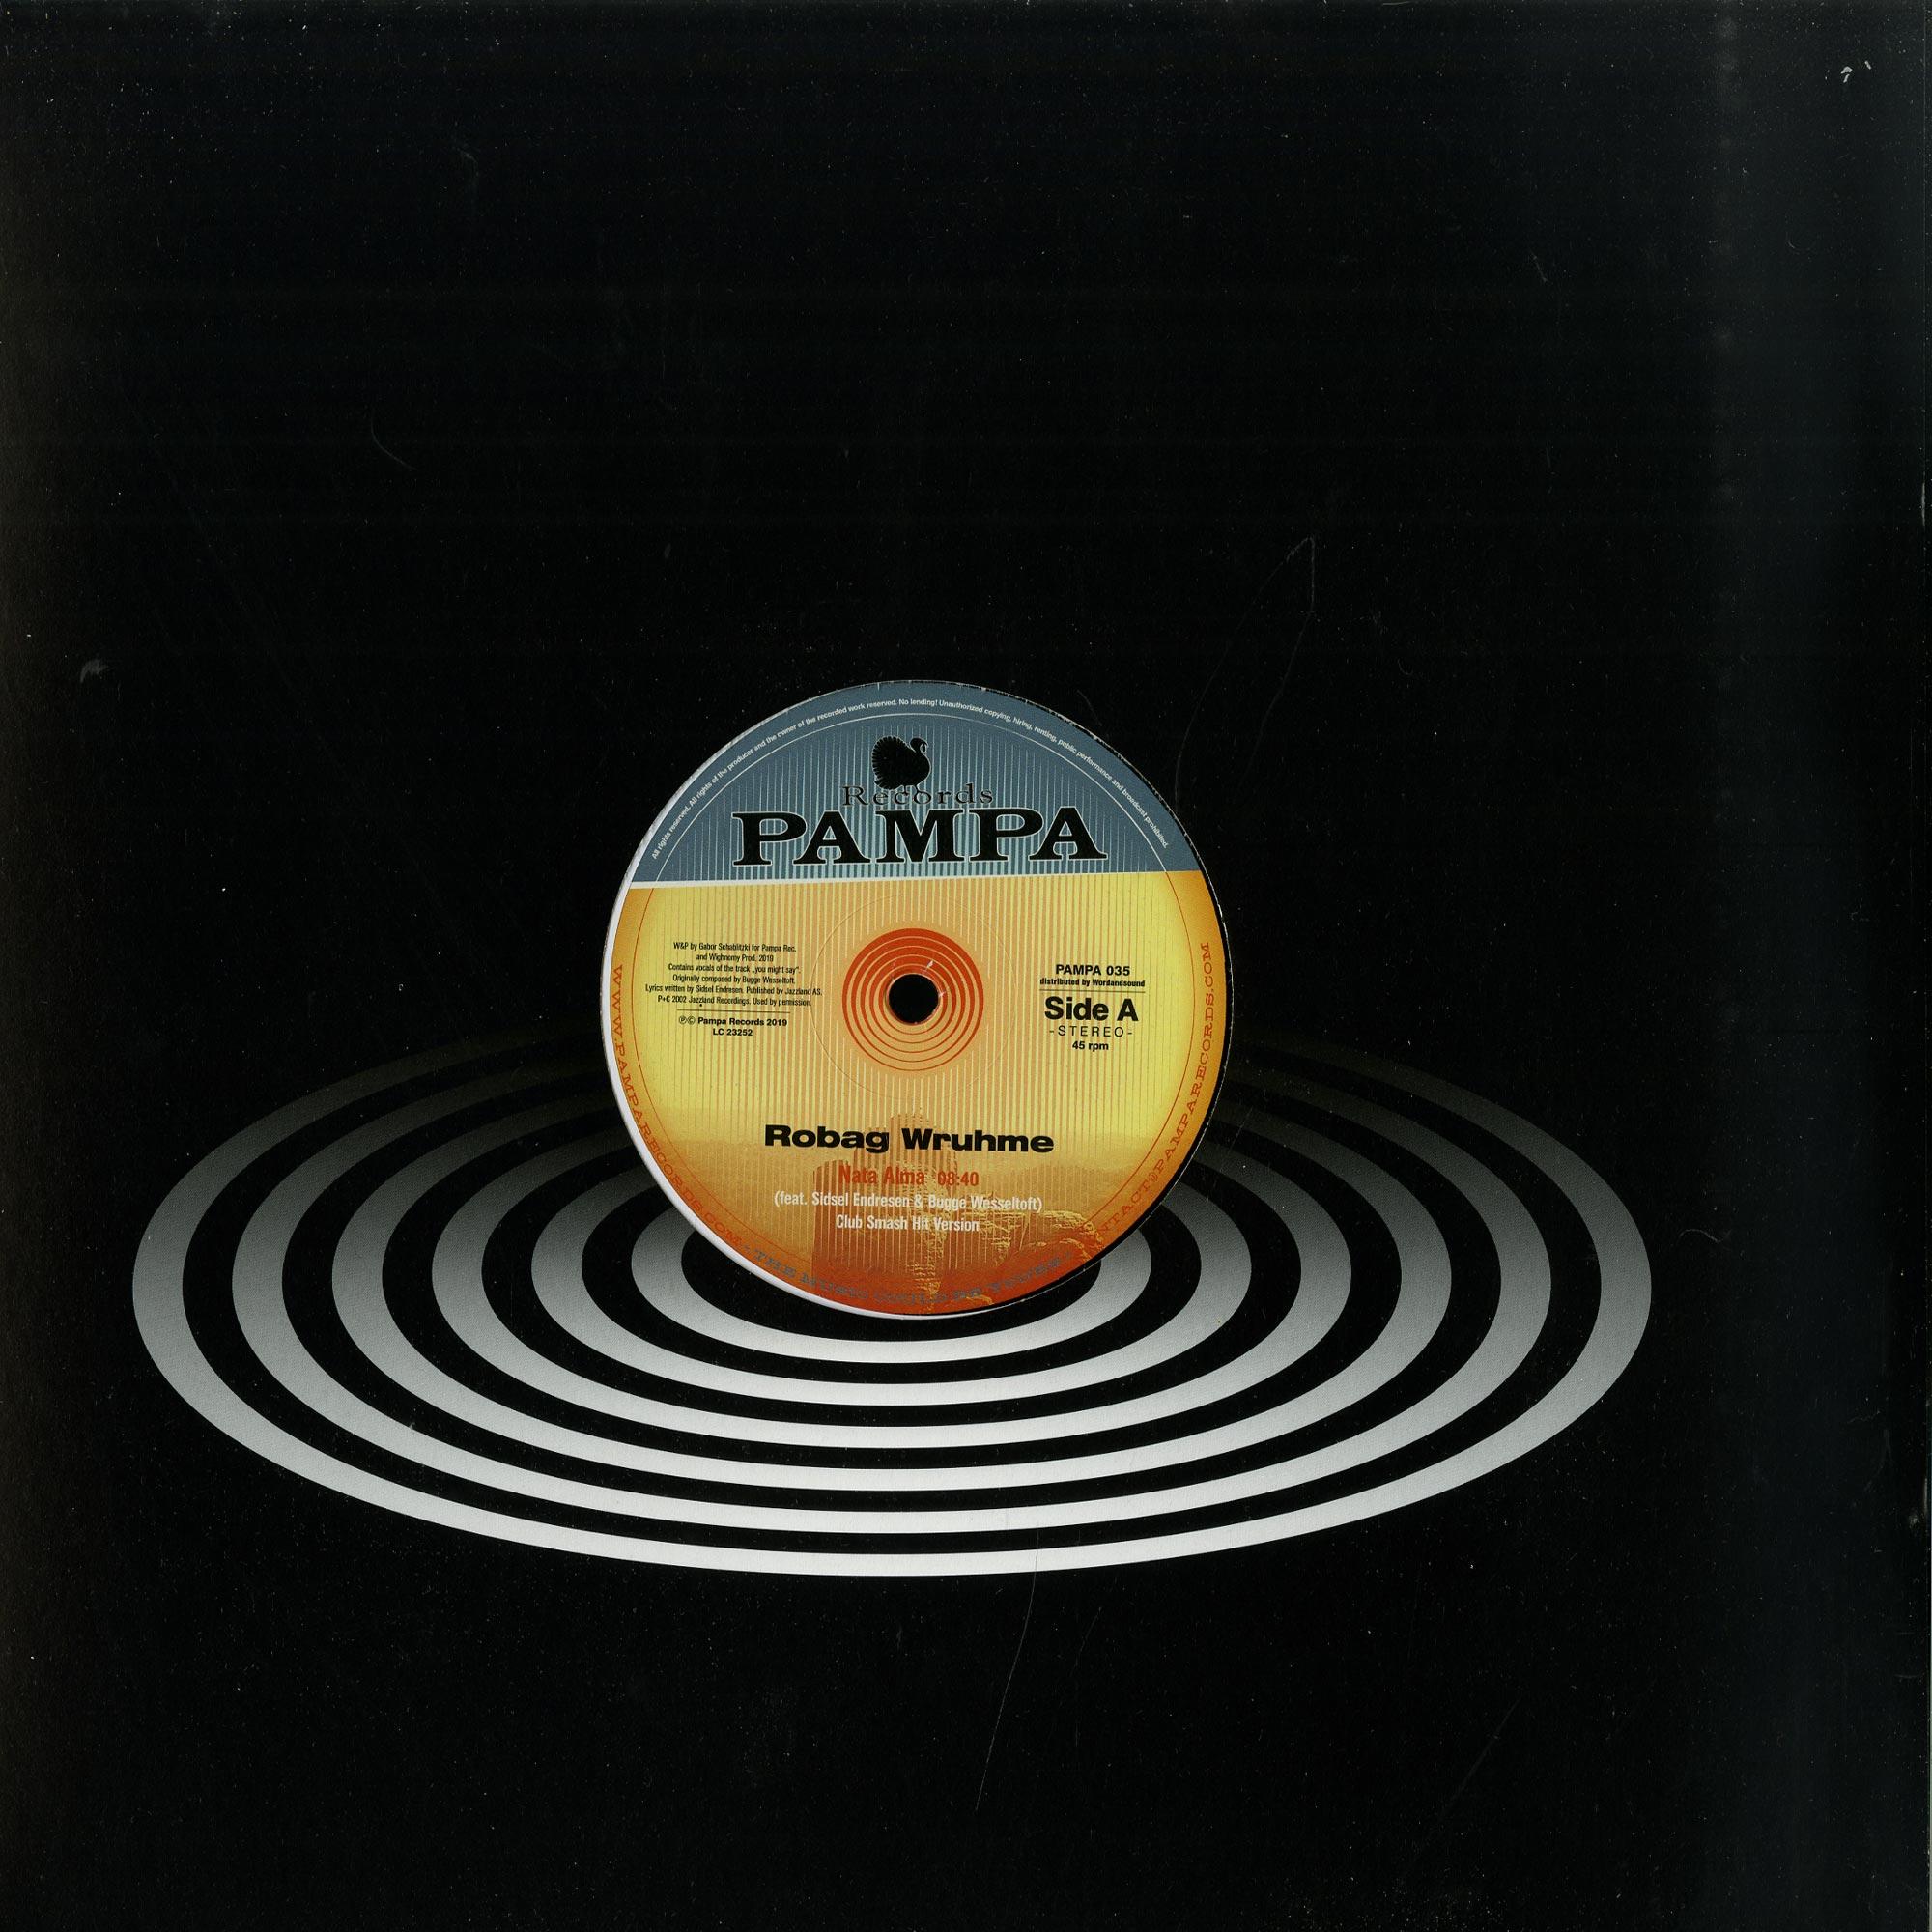 Robag Wruhme - NATA ALMA / VENQ TOLEP EP